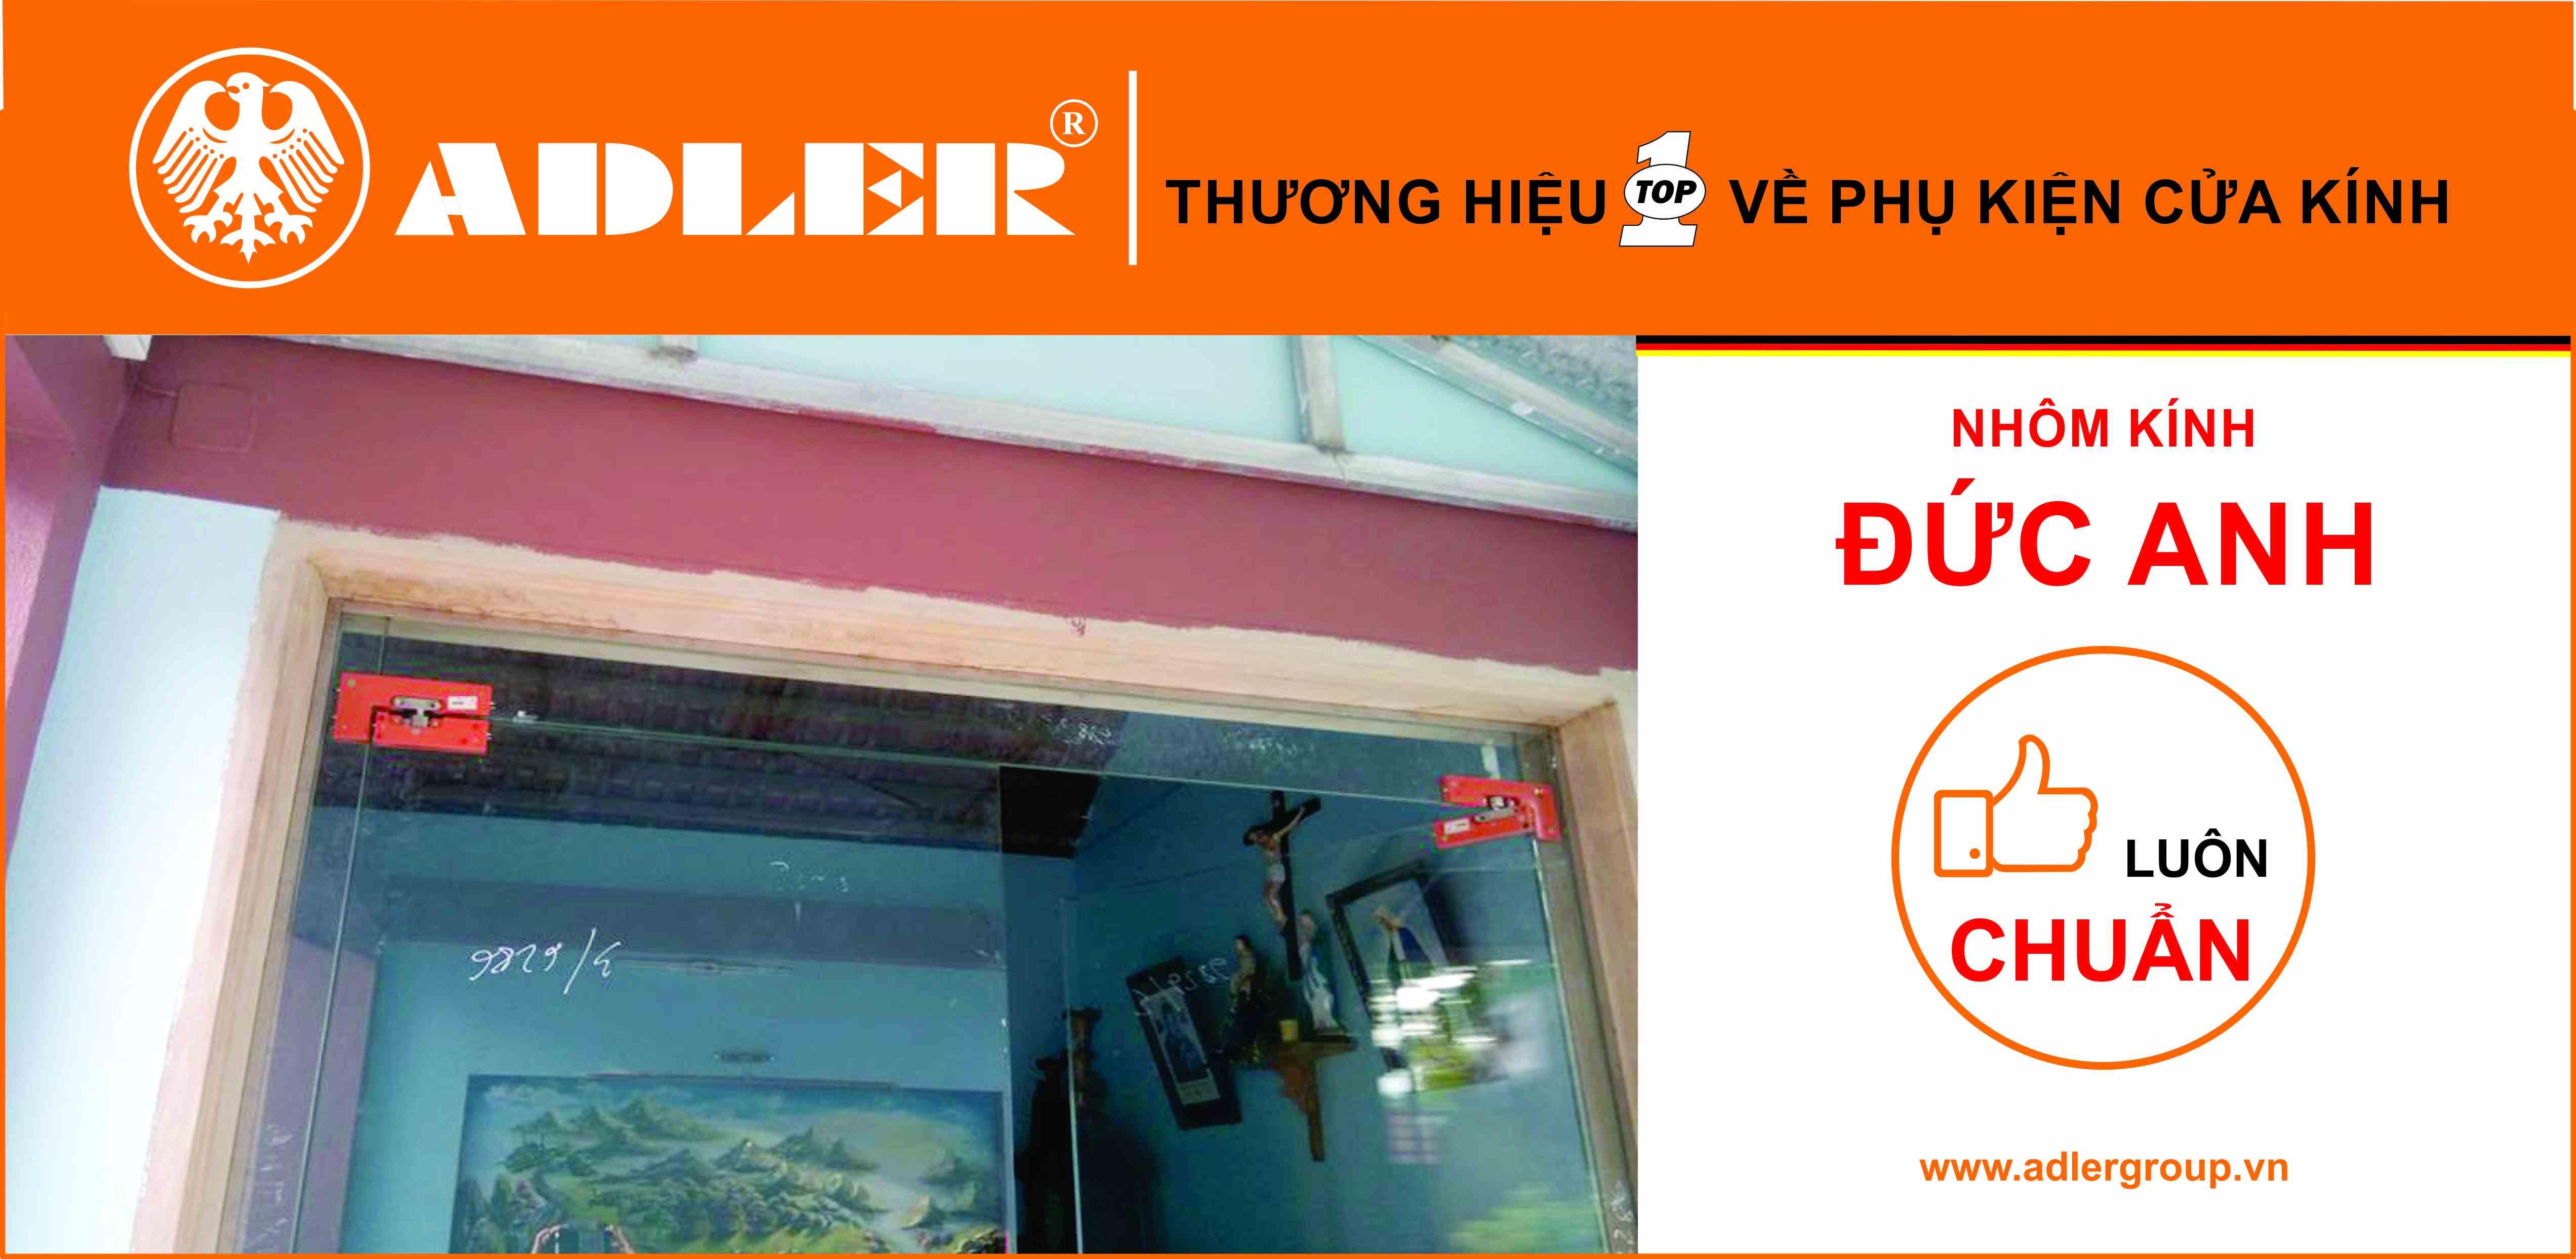 Adler khoe sắc cam tươi sángtrong 1 dự án ở Thanh Hóa